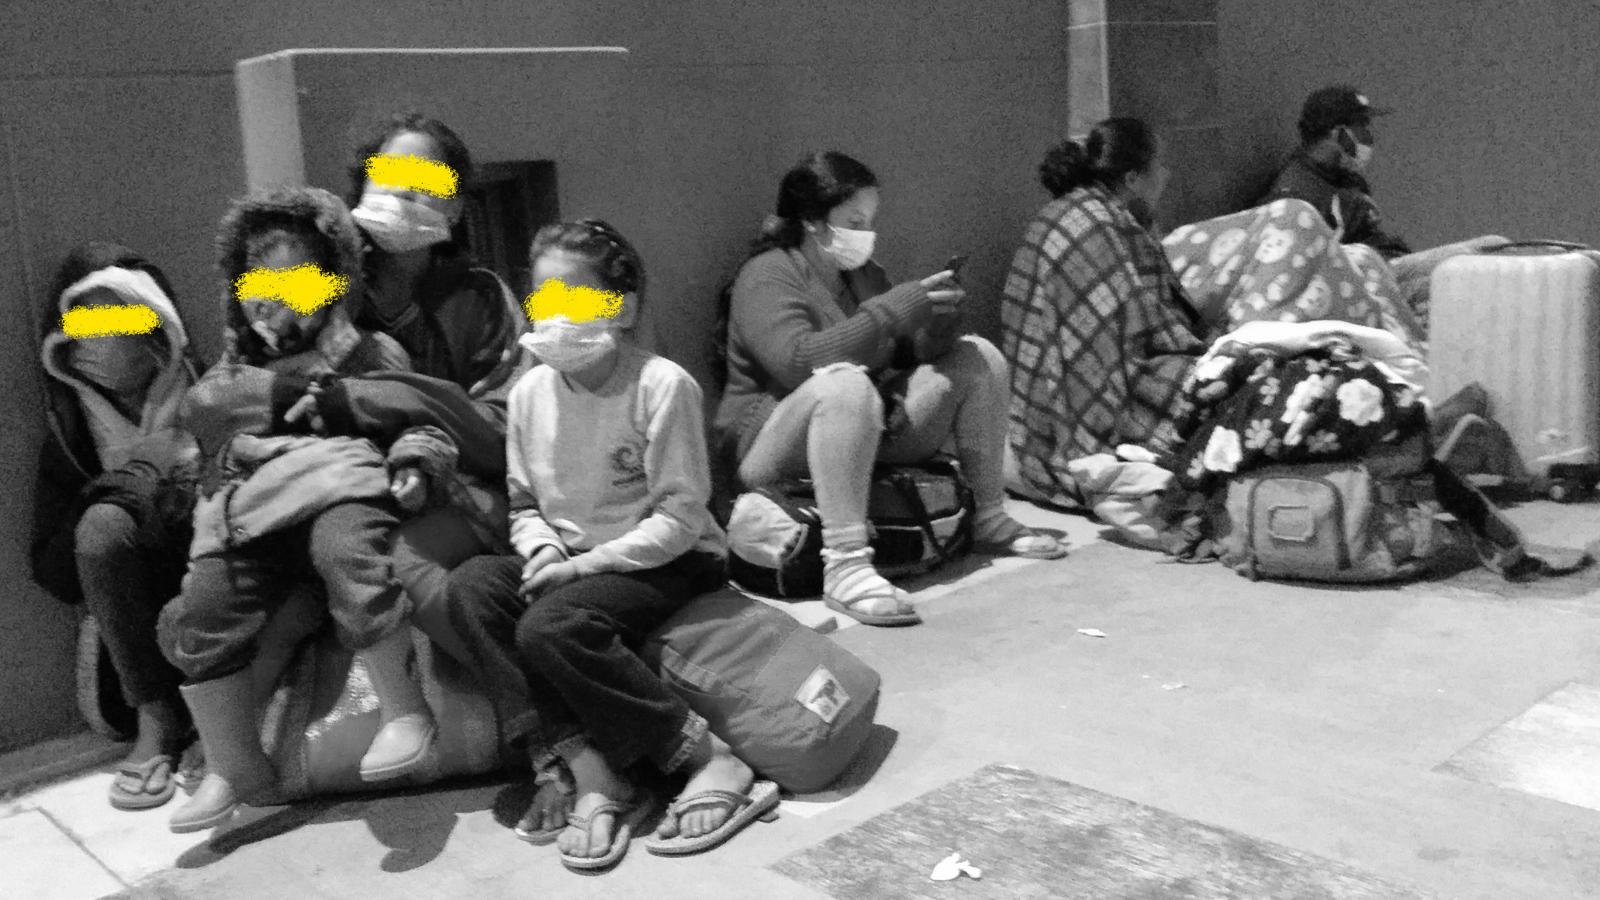 ESPECIAL | Hijos migrantes: inocencia desplazada